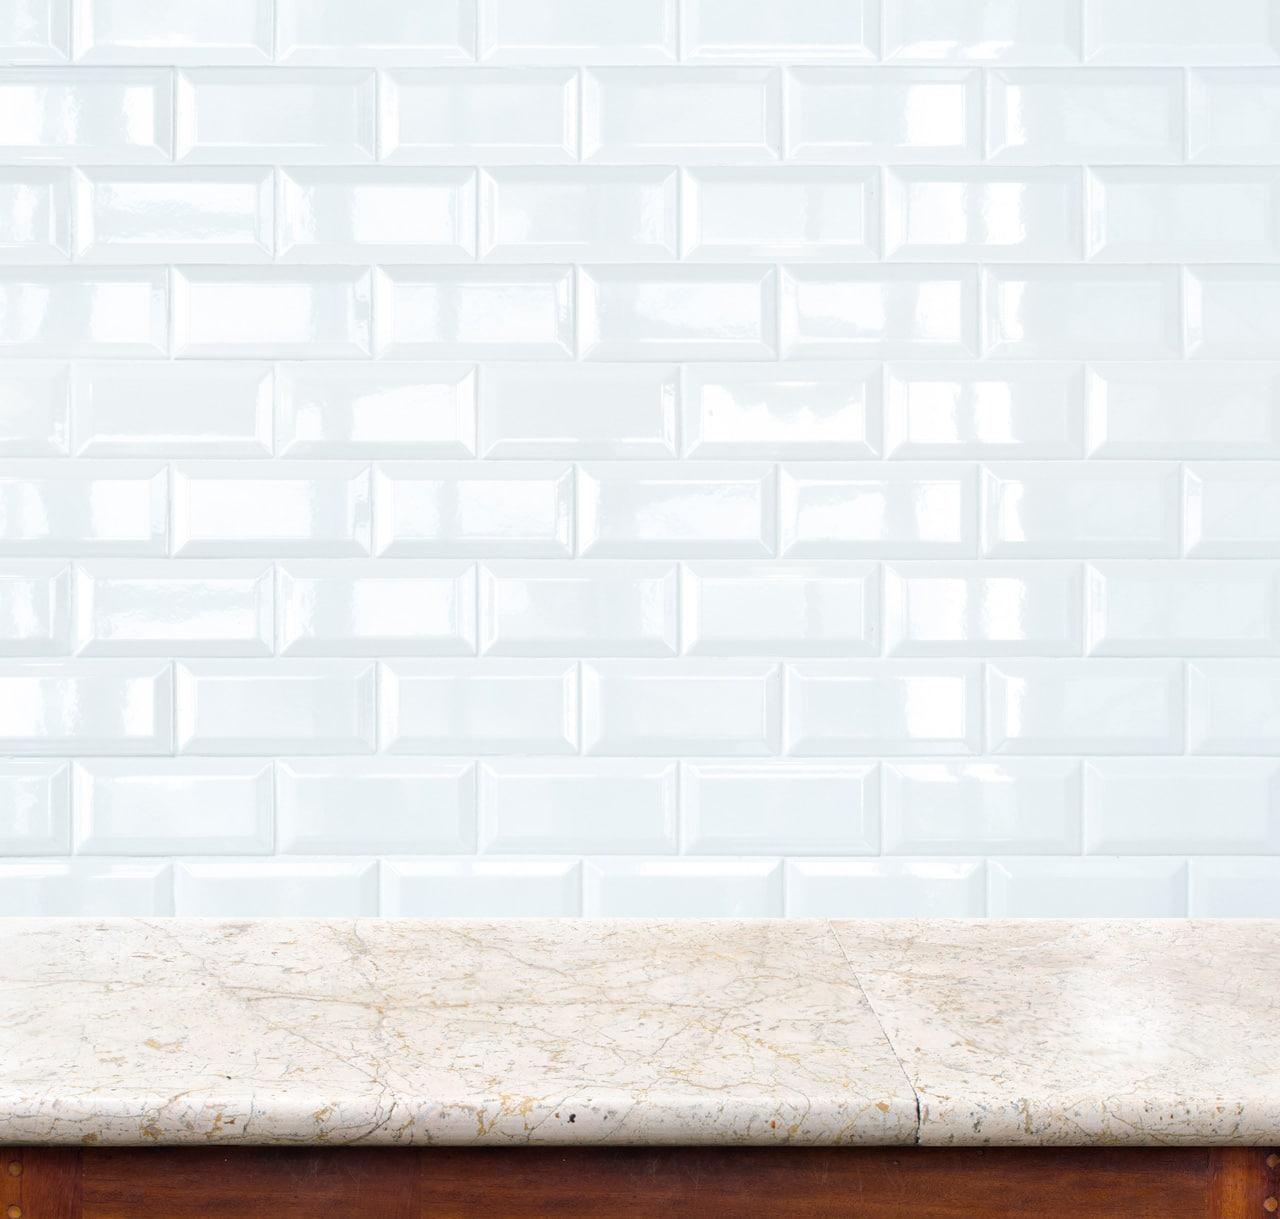 מטבחים מעץ ספקי ציוד מגוון למטבחים ממש מקצועיים עם רישיון והסמכה ומומחים להקמת אי במטבח מכל חומר תוך כדי הפעלת המקרר והתנור ללקוח במטבח שלו